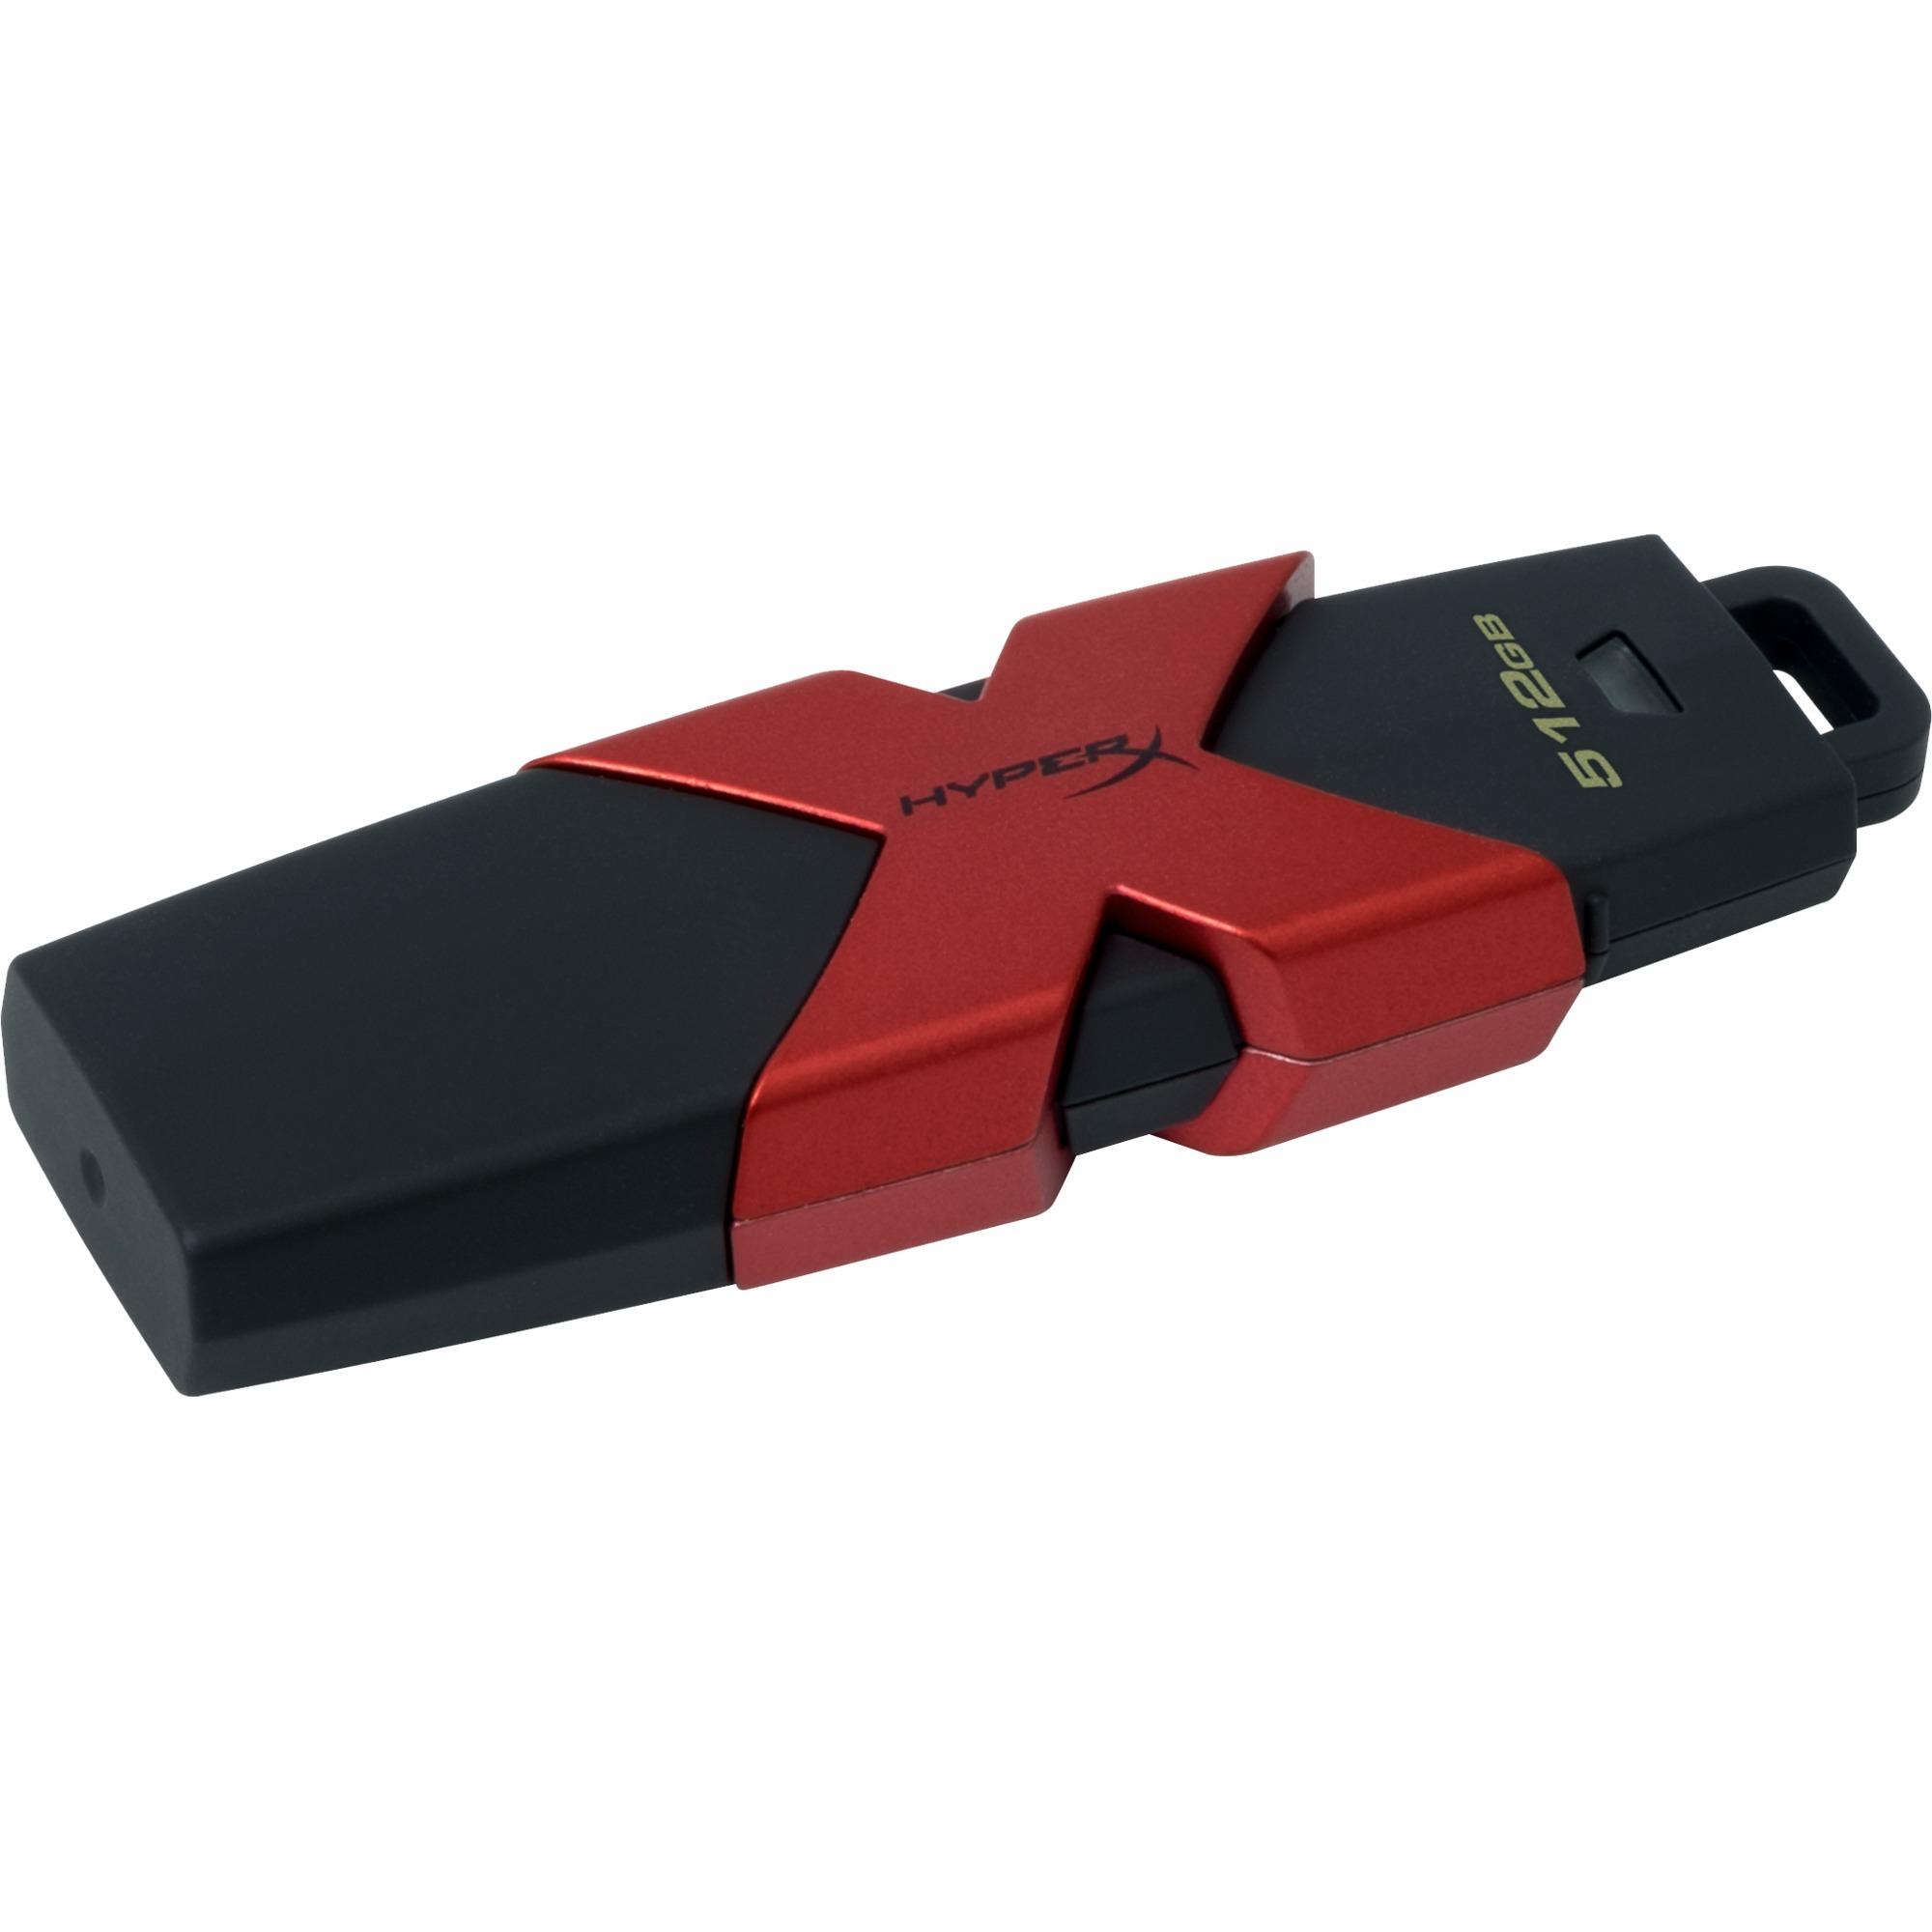 512GB unidad flash USB 3.0 (3.1 Gen 1) Conector USB Tipo A Negro, Rojo, Lápiz USB